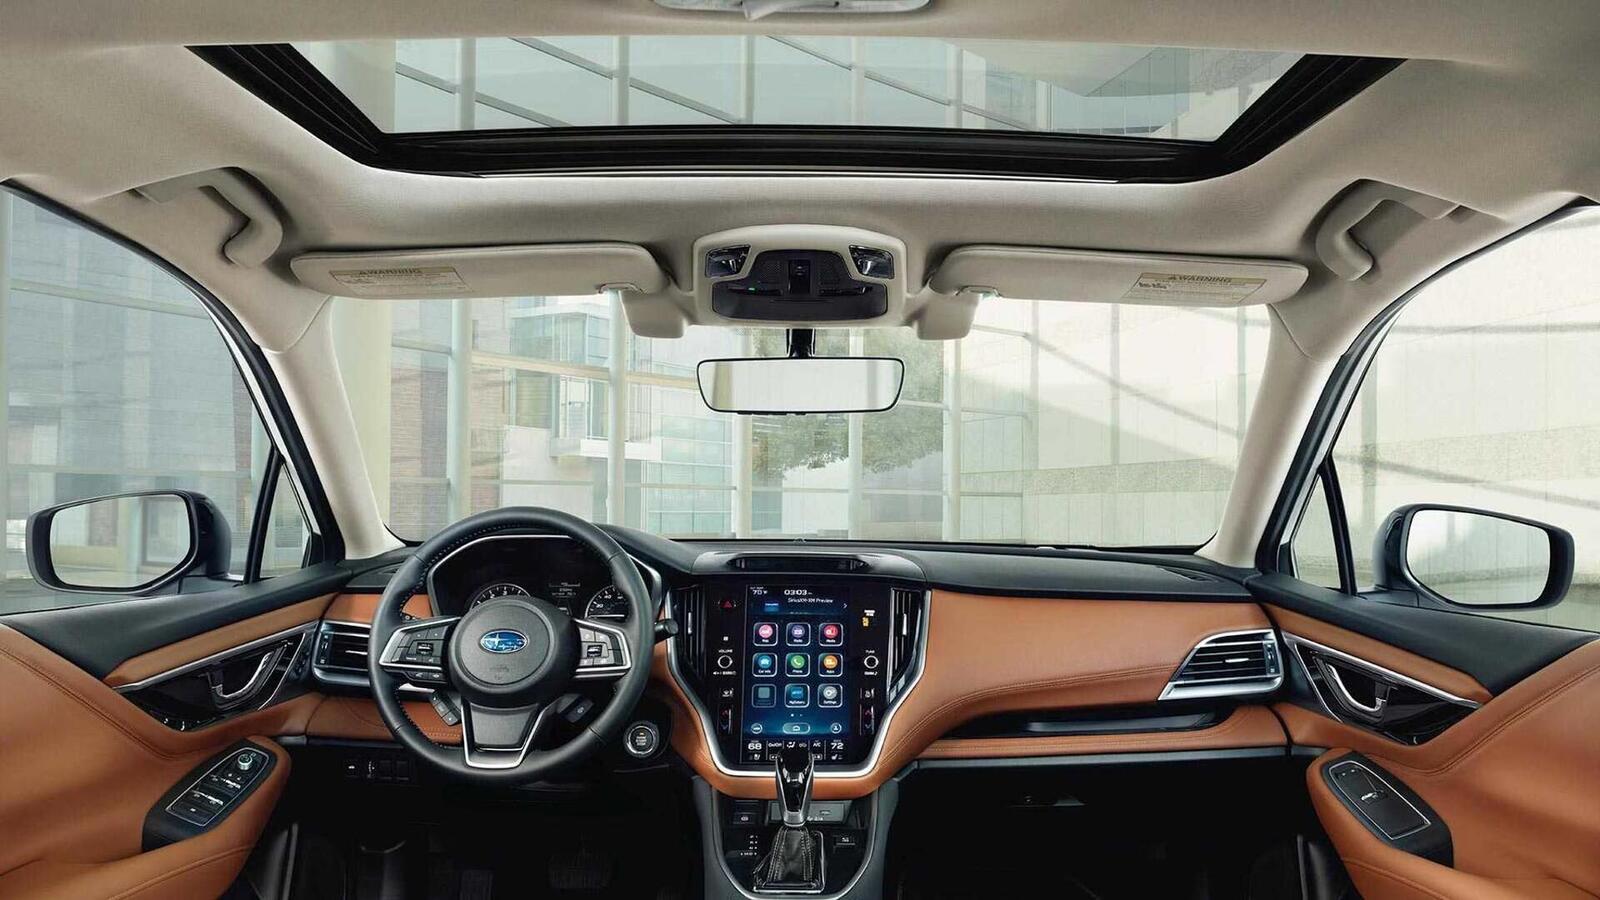 Subaru Legacy thế hệ mới ra mắt; đổi mới thiết kế; có thêm động cơ 2.5L tăng áp - Hình 5